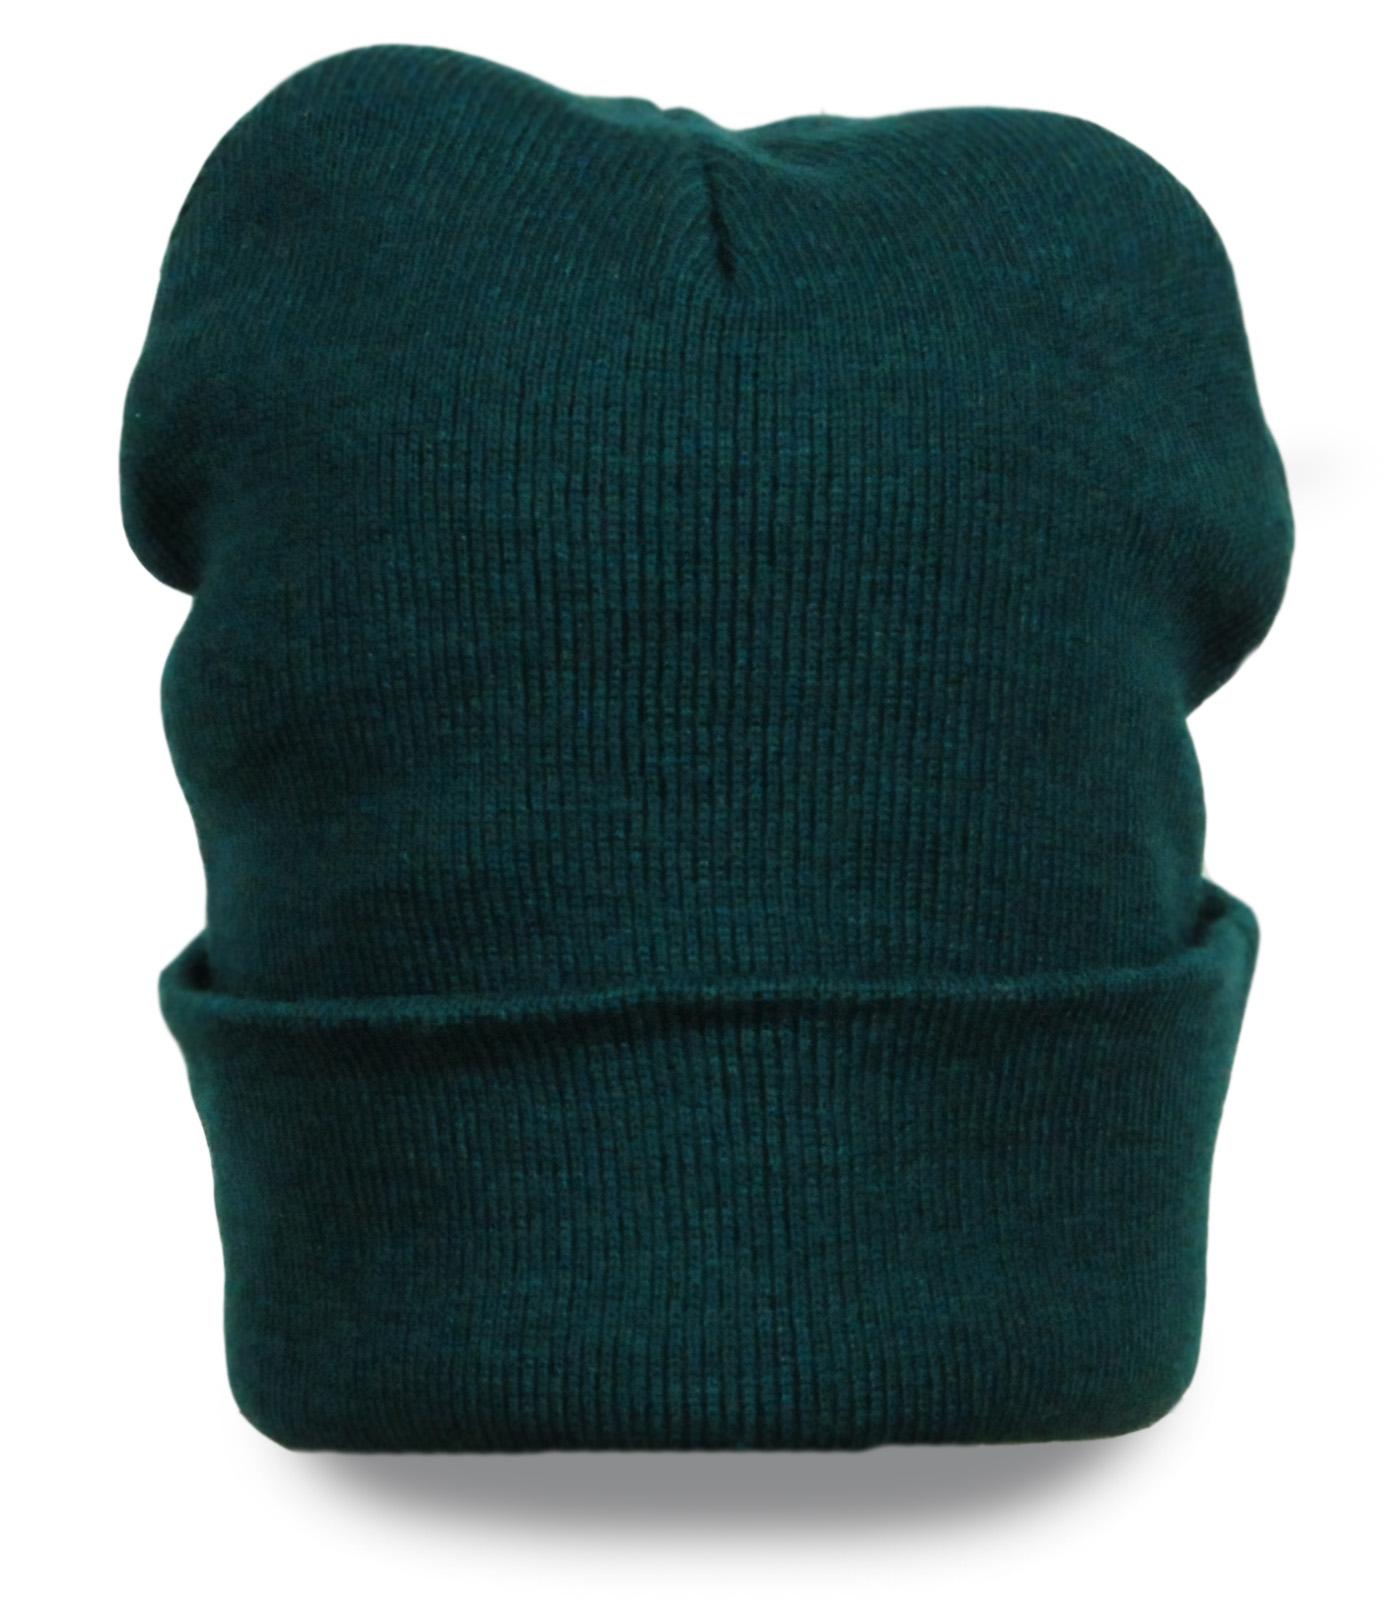 Спортивная вязаная мужская шапка с отворотом